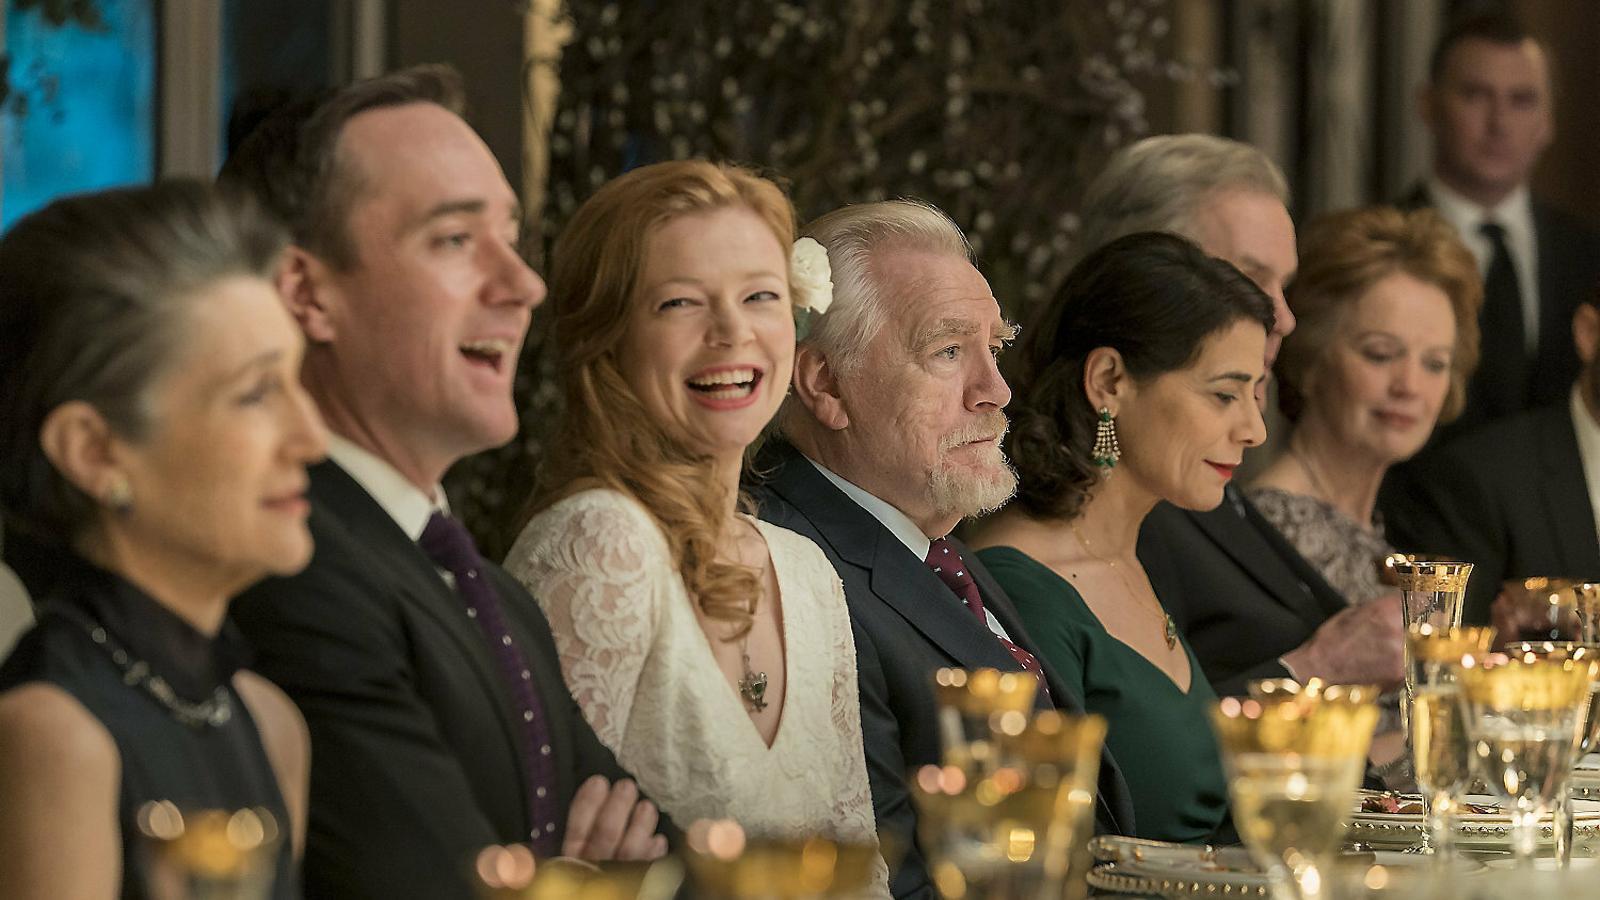 L'HBO treu pit als Globus d'Or televisius, però sense 'Joc de trons'